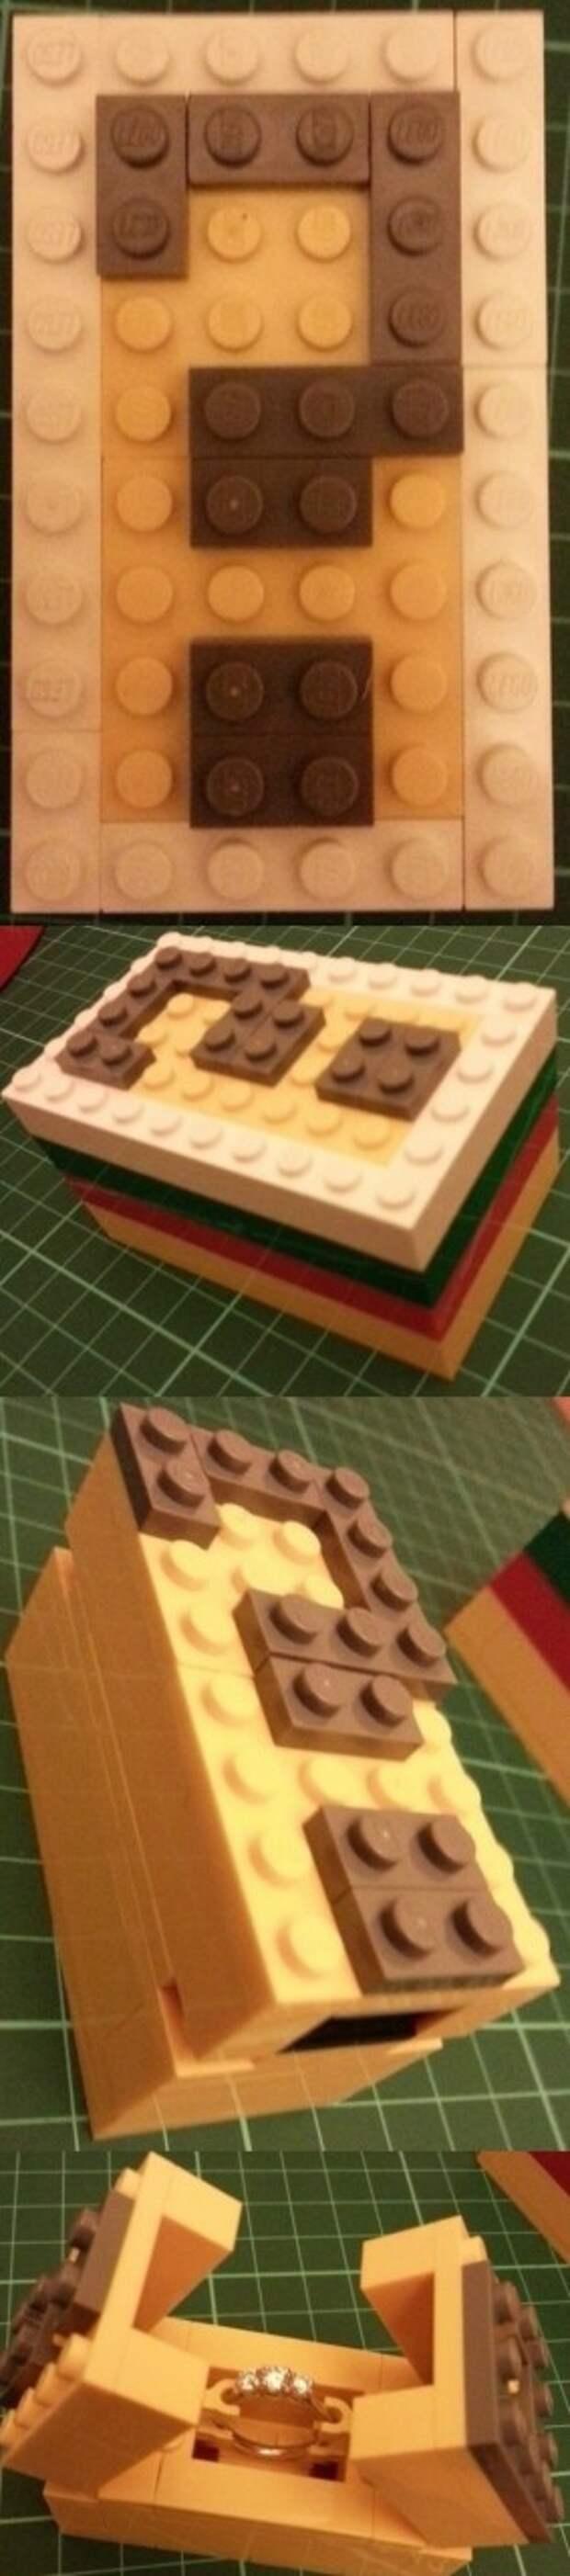 LEGO -предложение руки и сердца